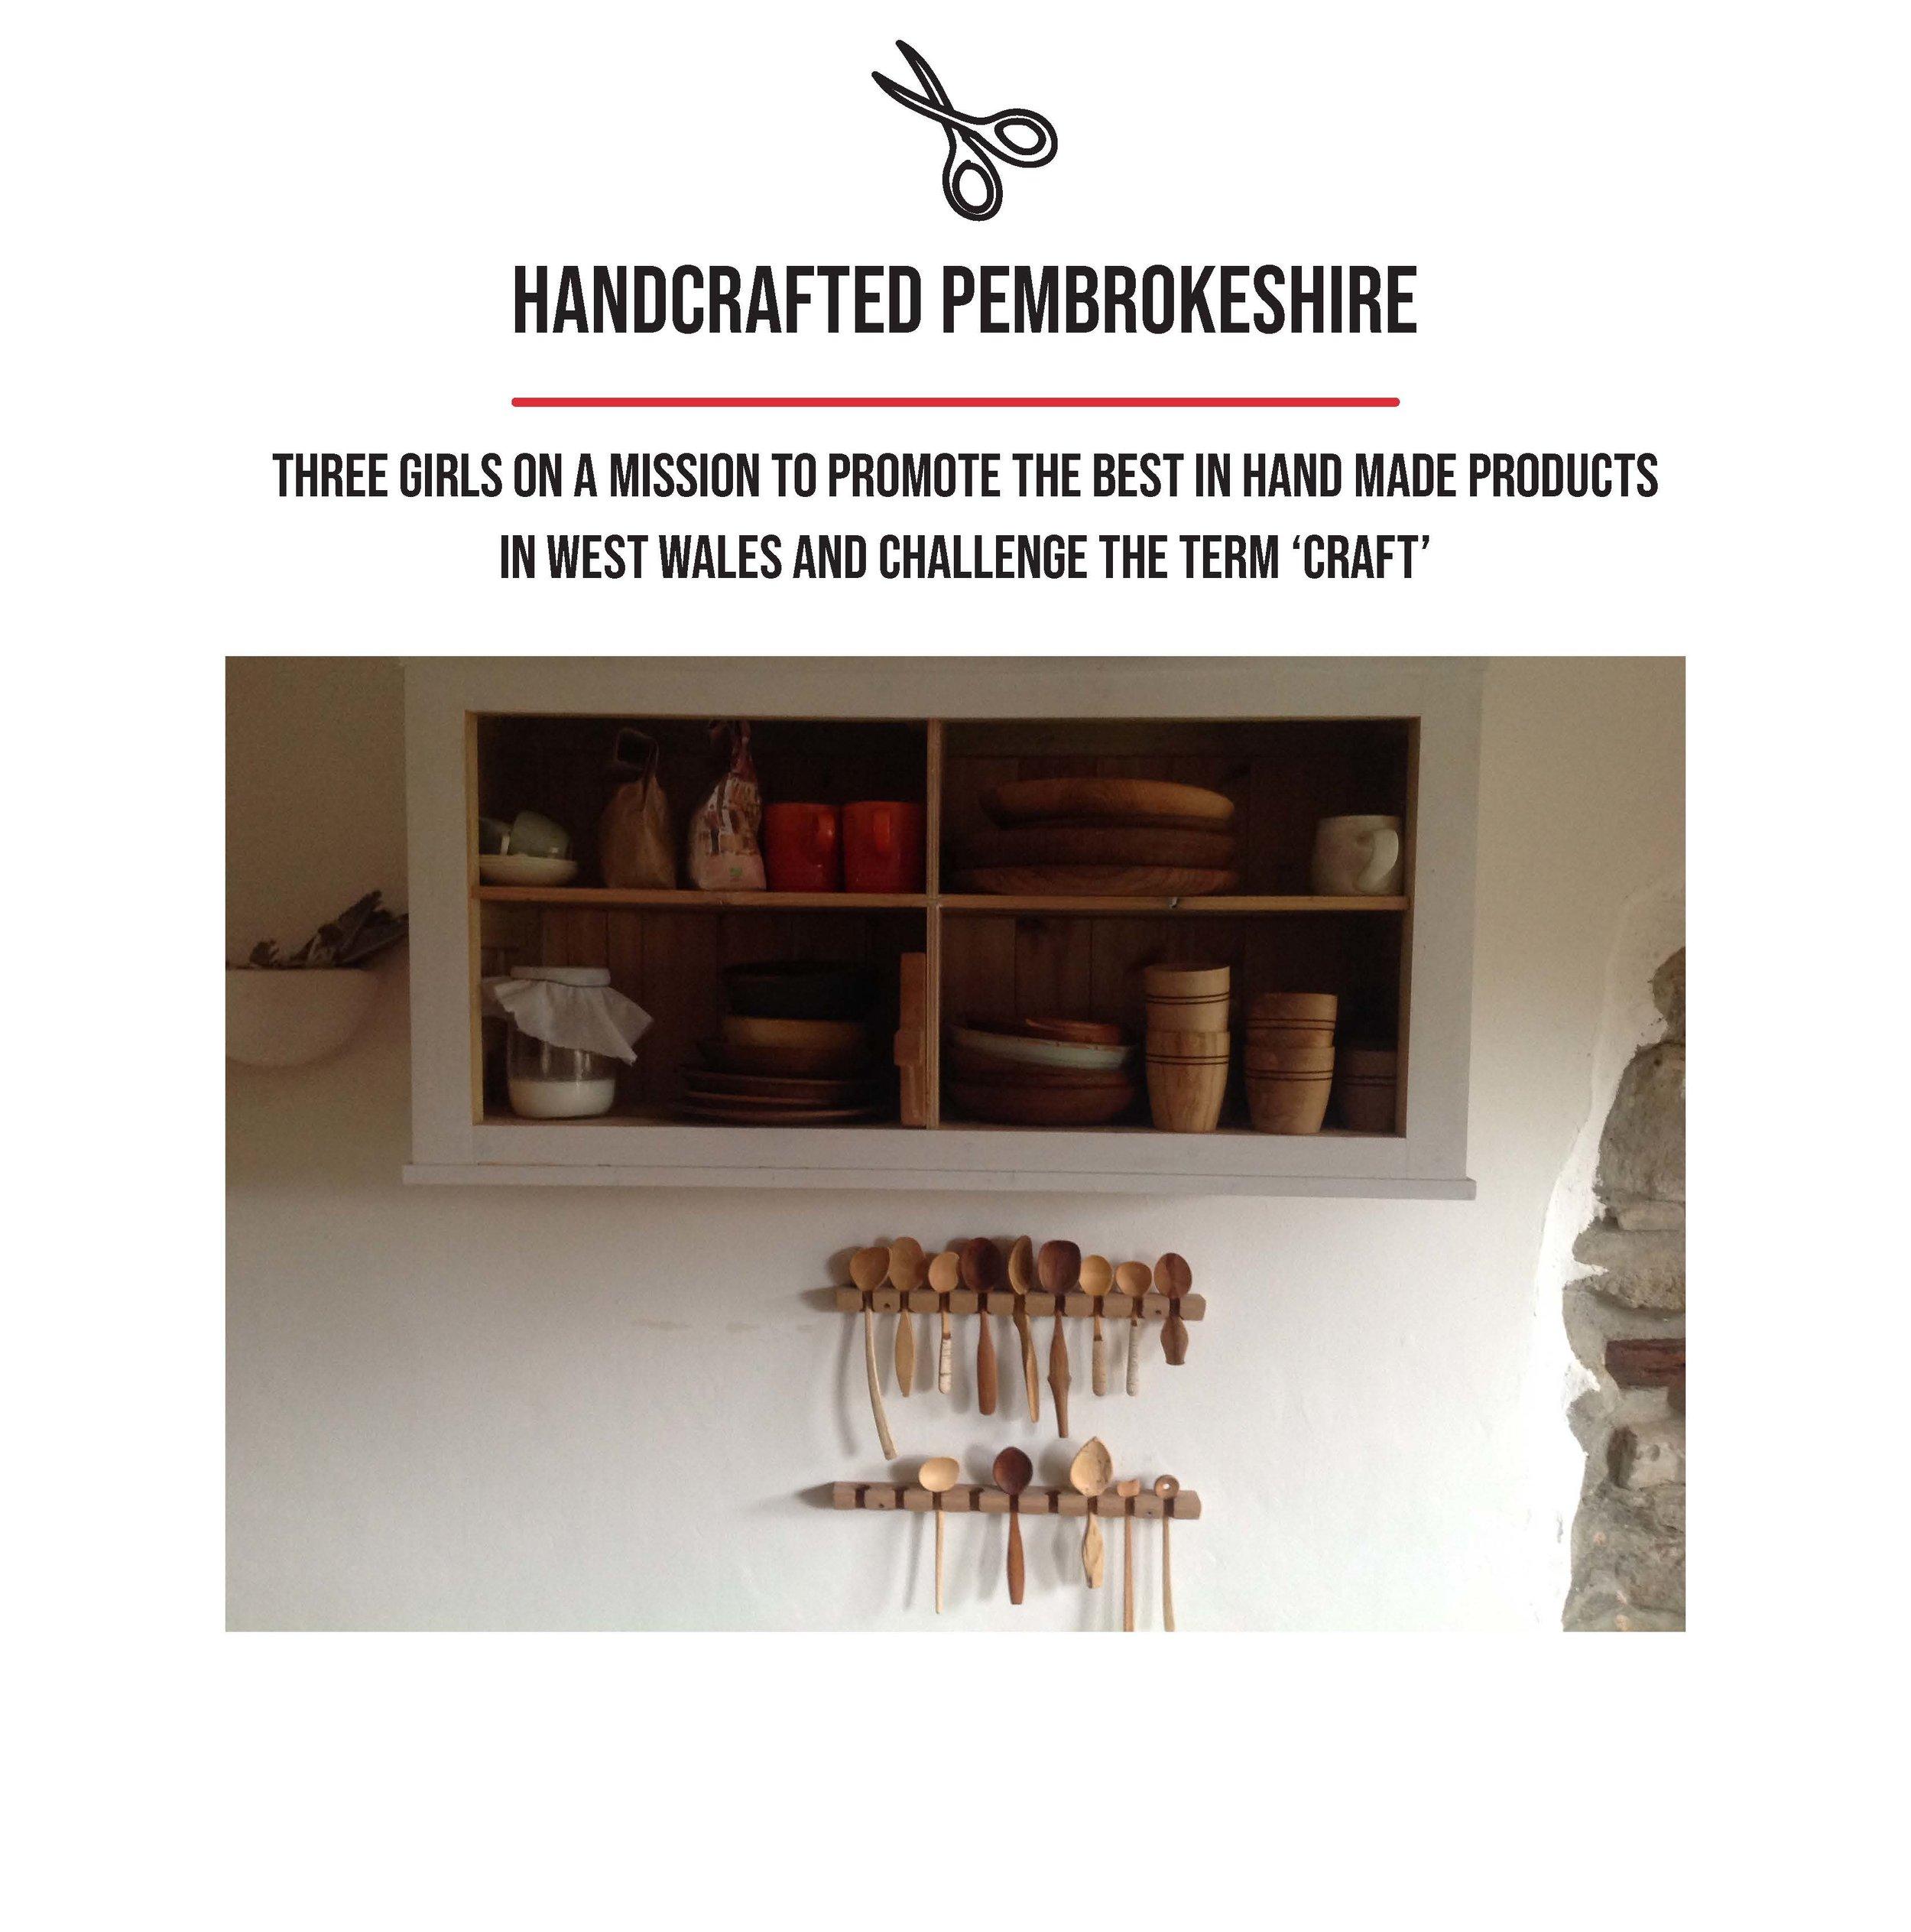 4. Handcrafted Pembs.jpg